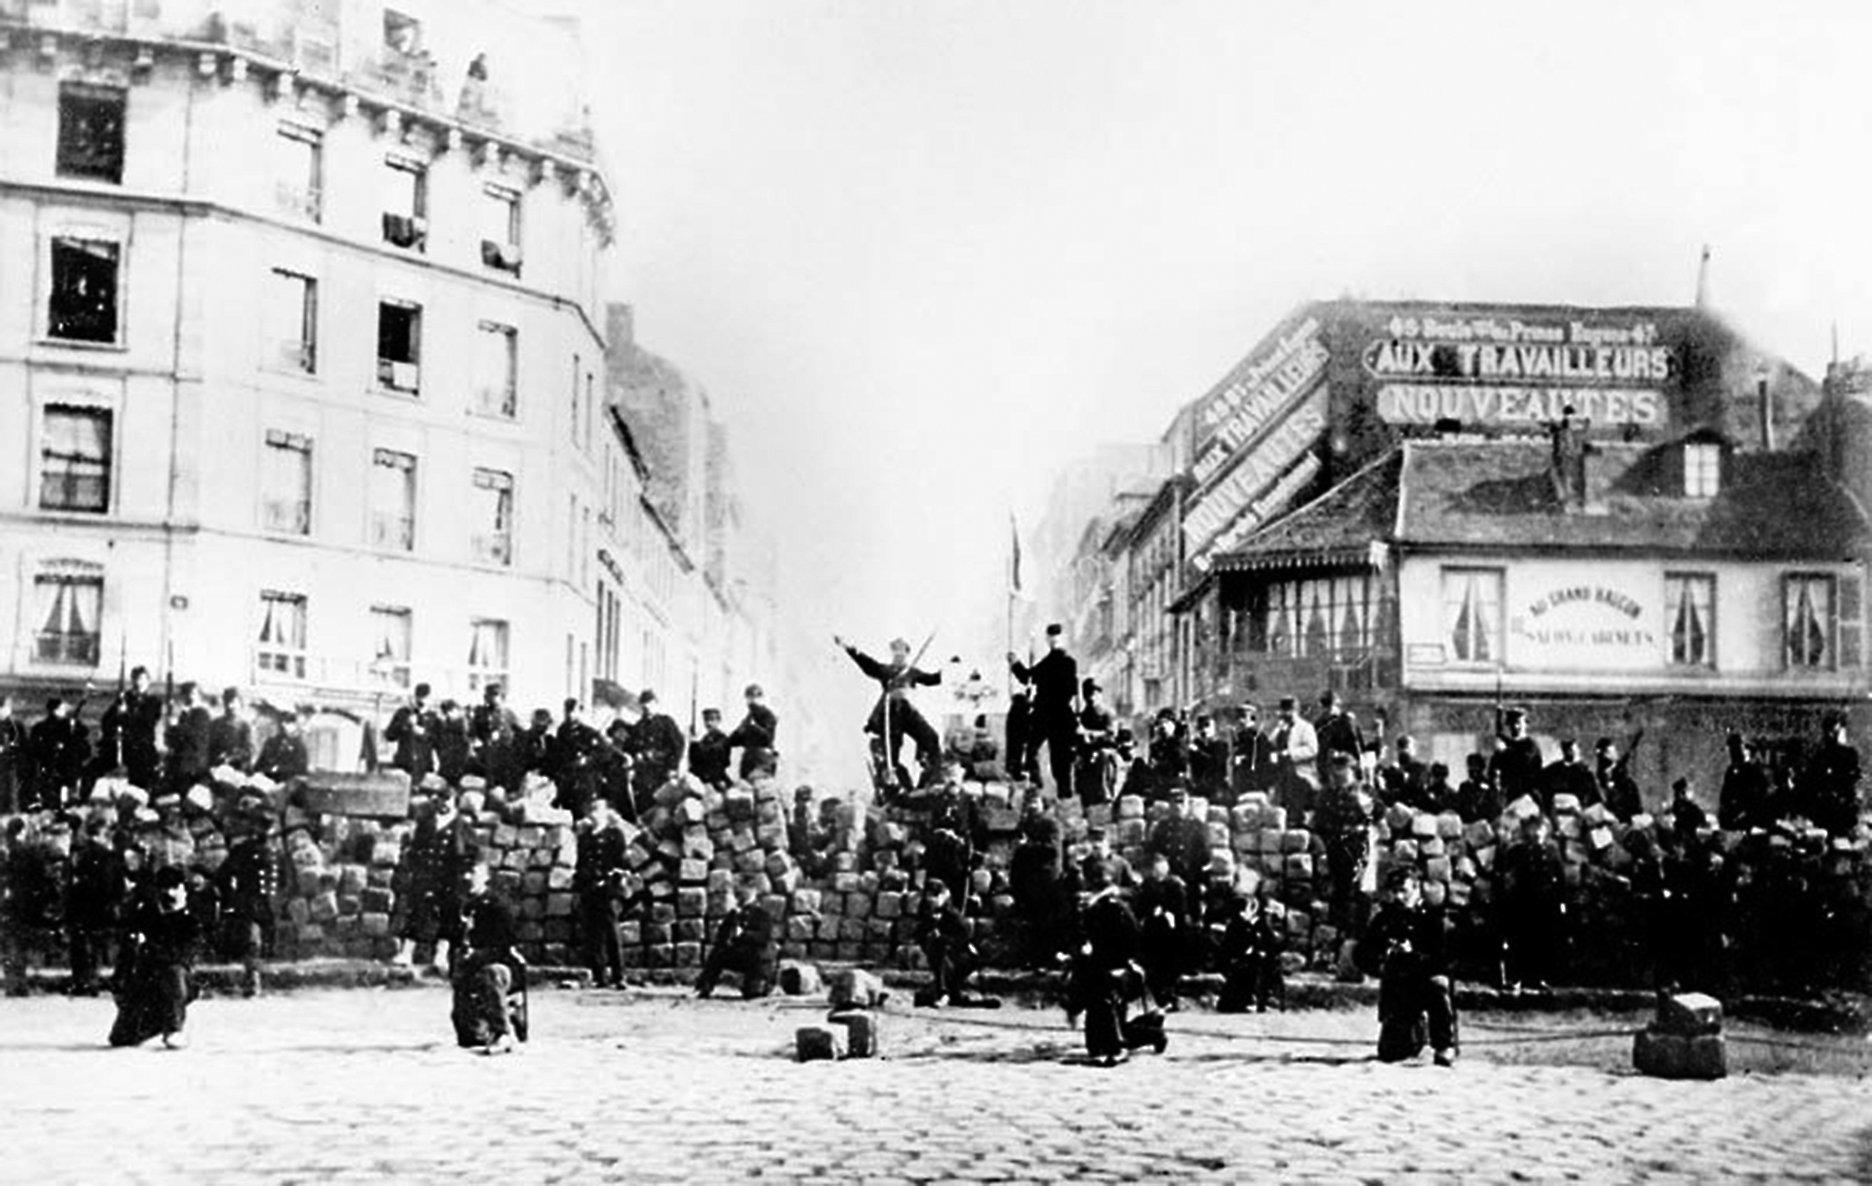 巴黎公社由社會底層的暴民和流氓領導的武裝叛亂開始。圖為1871年3月18日巴黎公社在市區設置路障。(AFP)